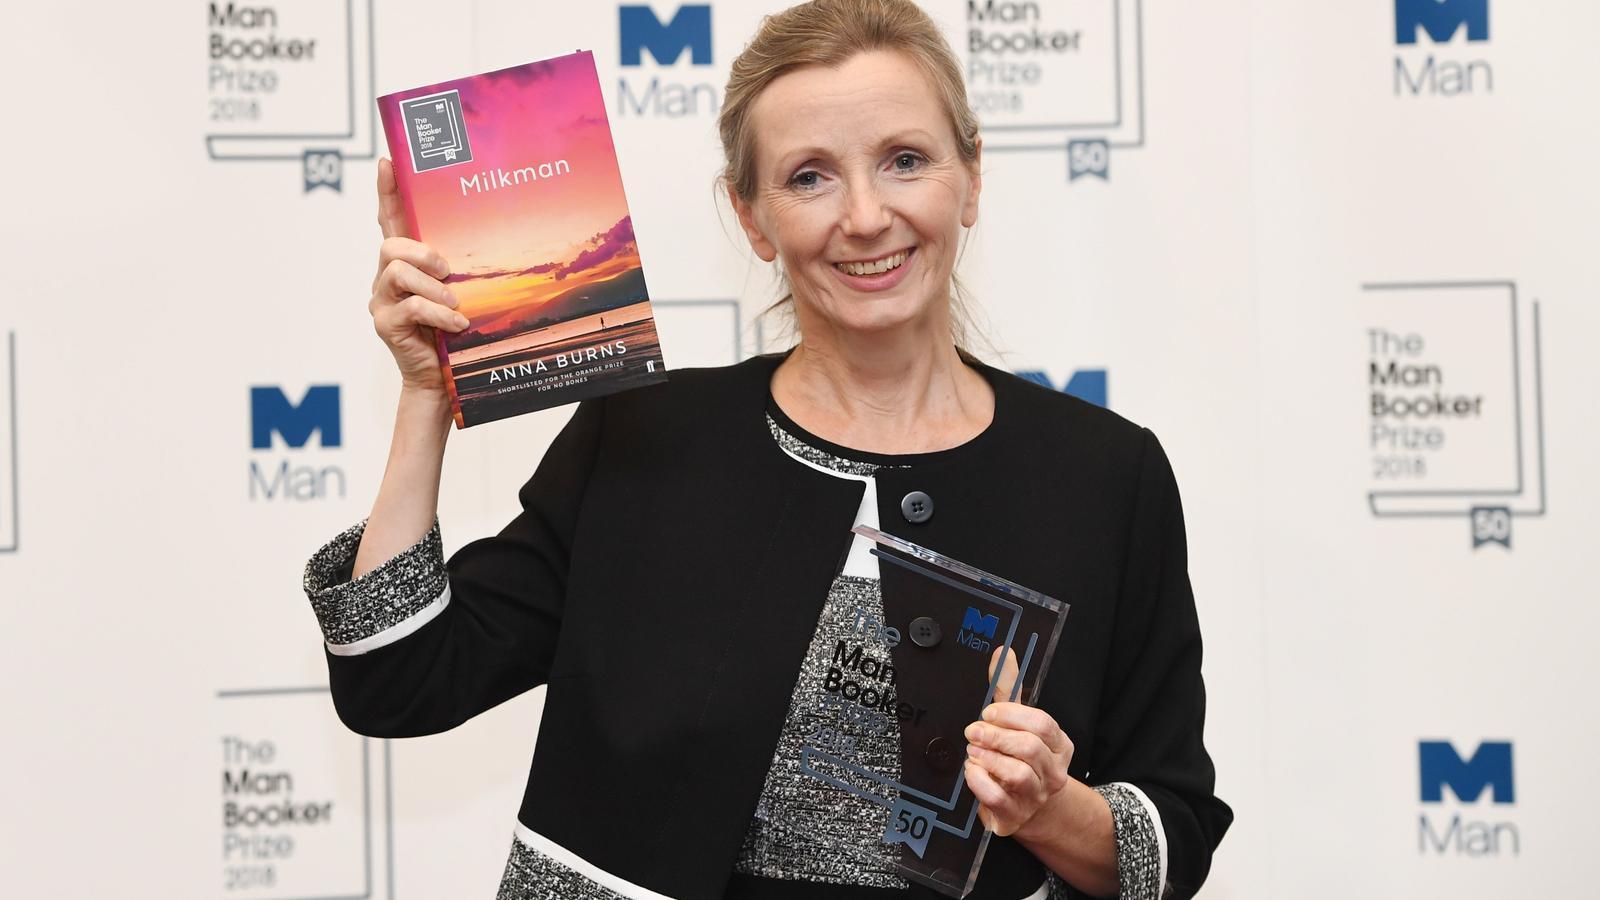 Anna Burns recollint el premi a la cerimònia de l'ajuntament medieval de Londres